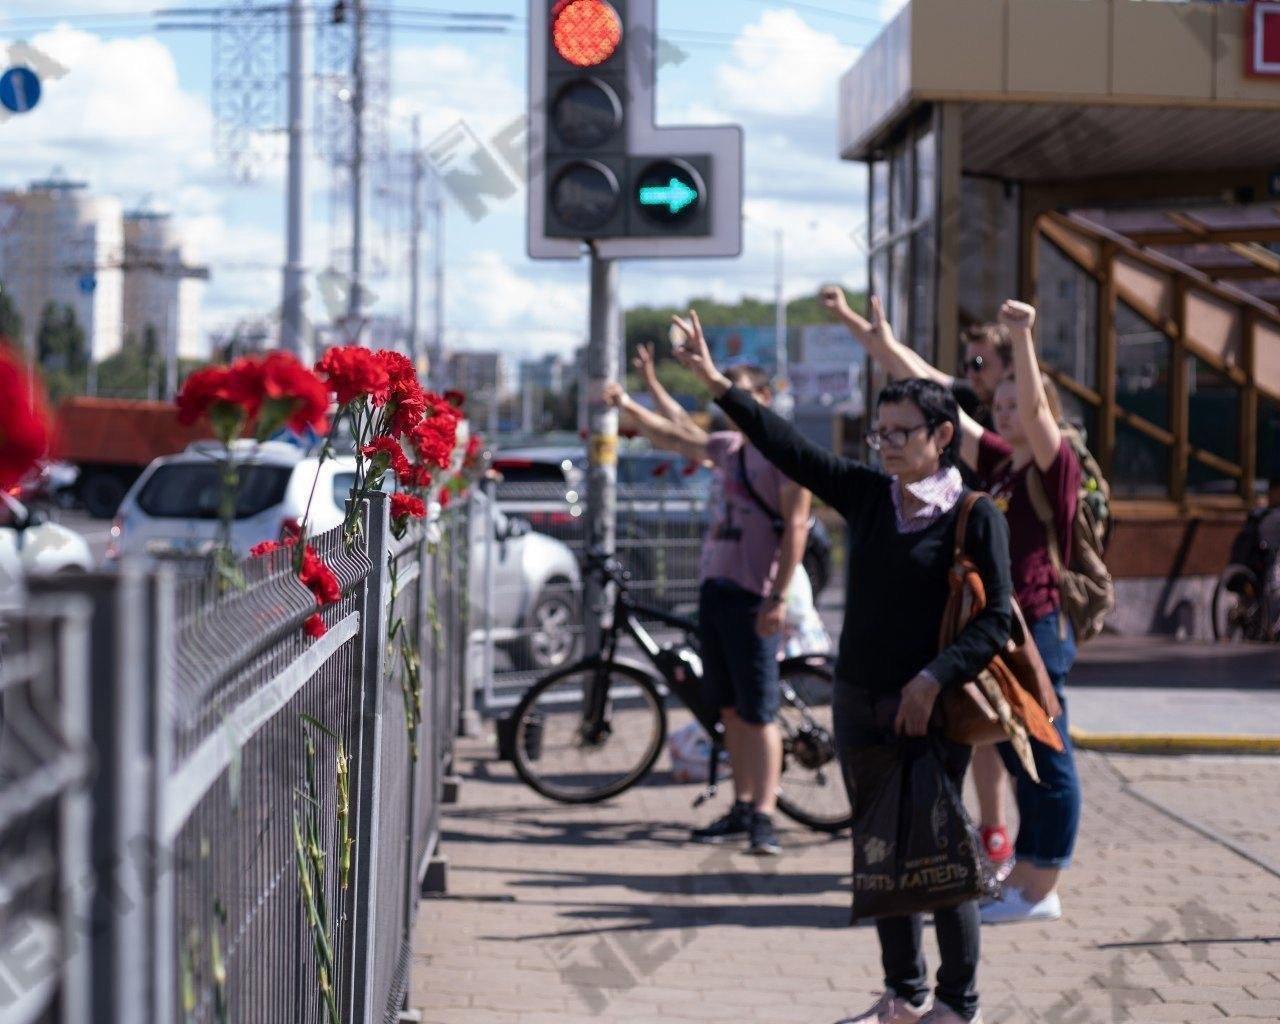 Водометы, газ, пули и первые смерти от рук ОМОНа: хронология протестов в Беларуси, - ФОТО, фото-11